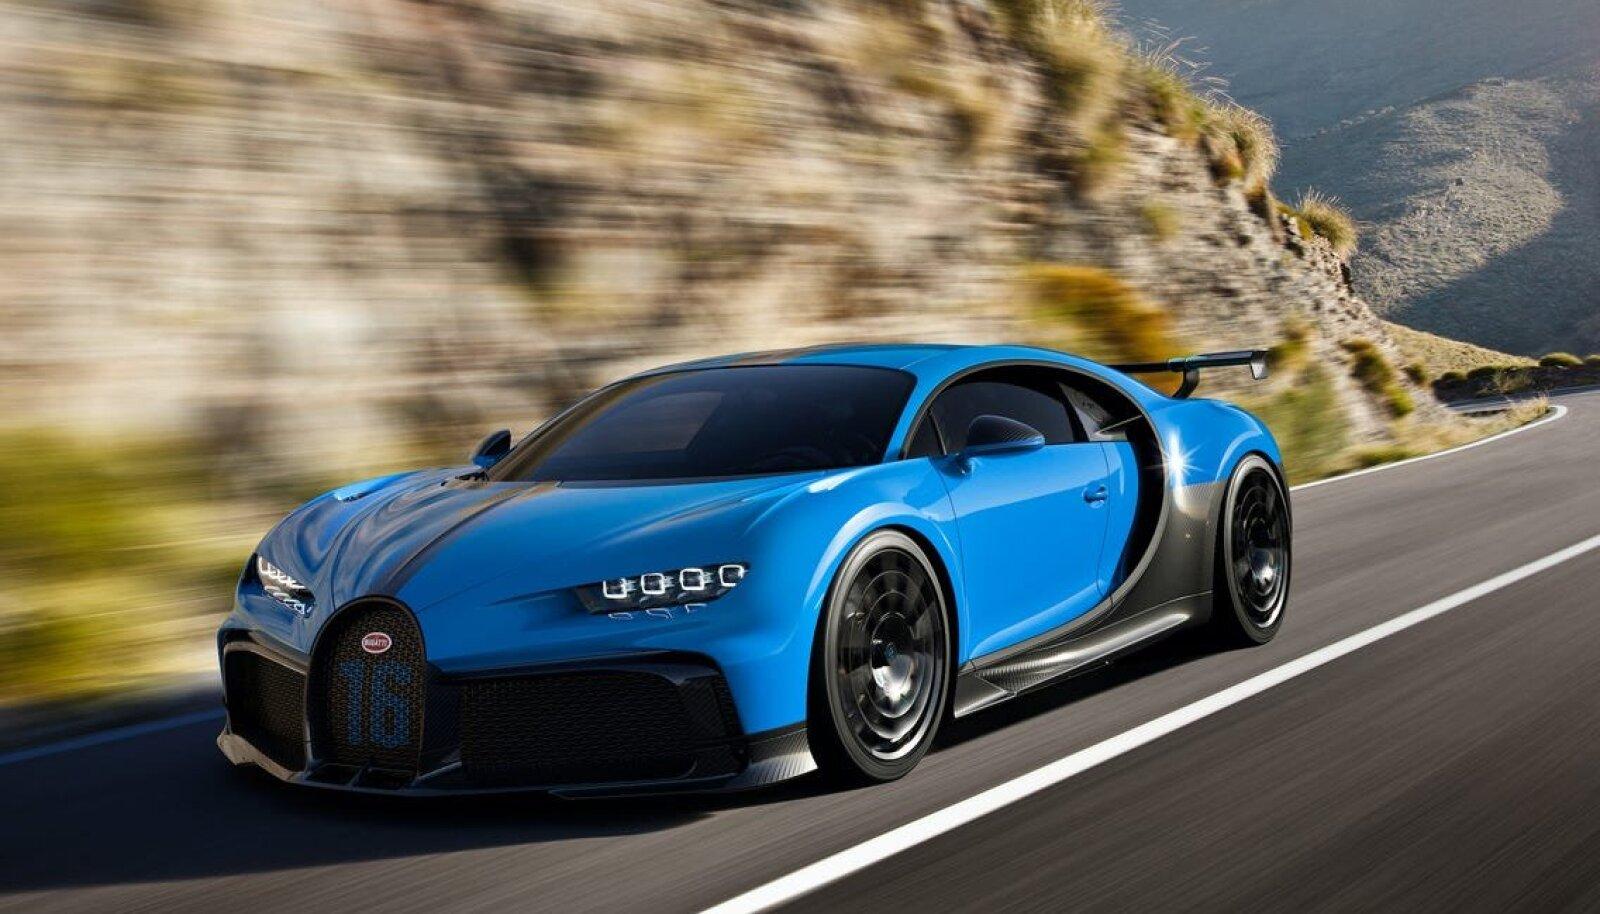 Foto: Bugatti